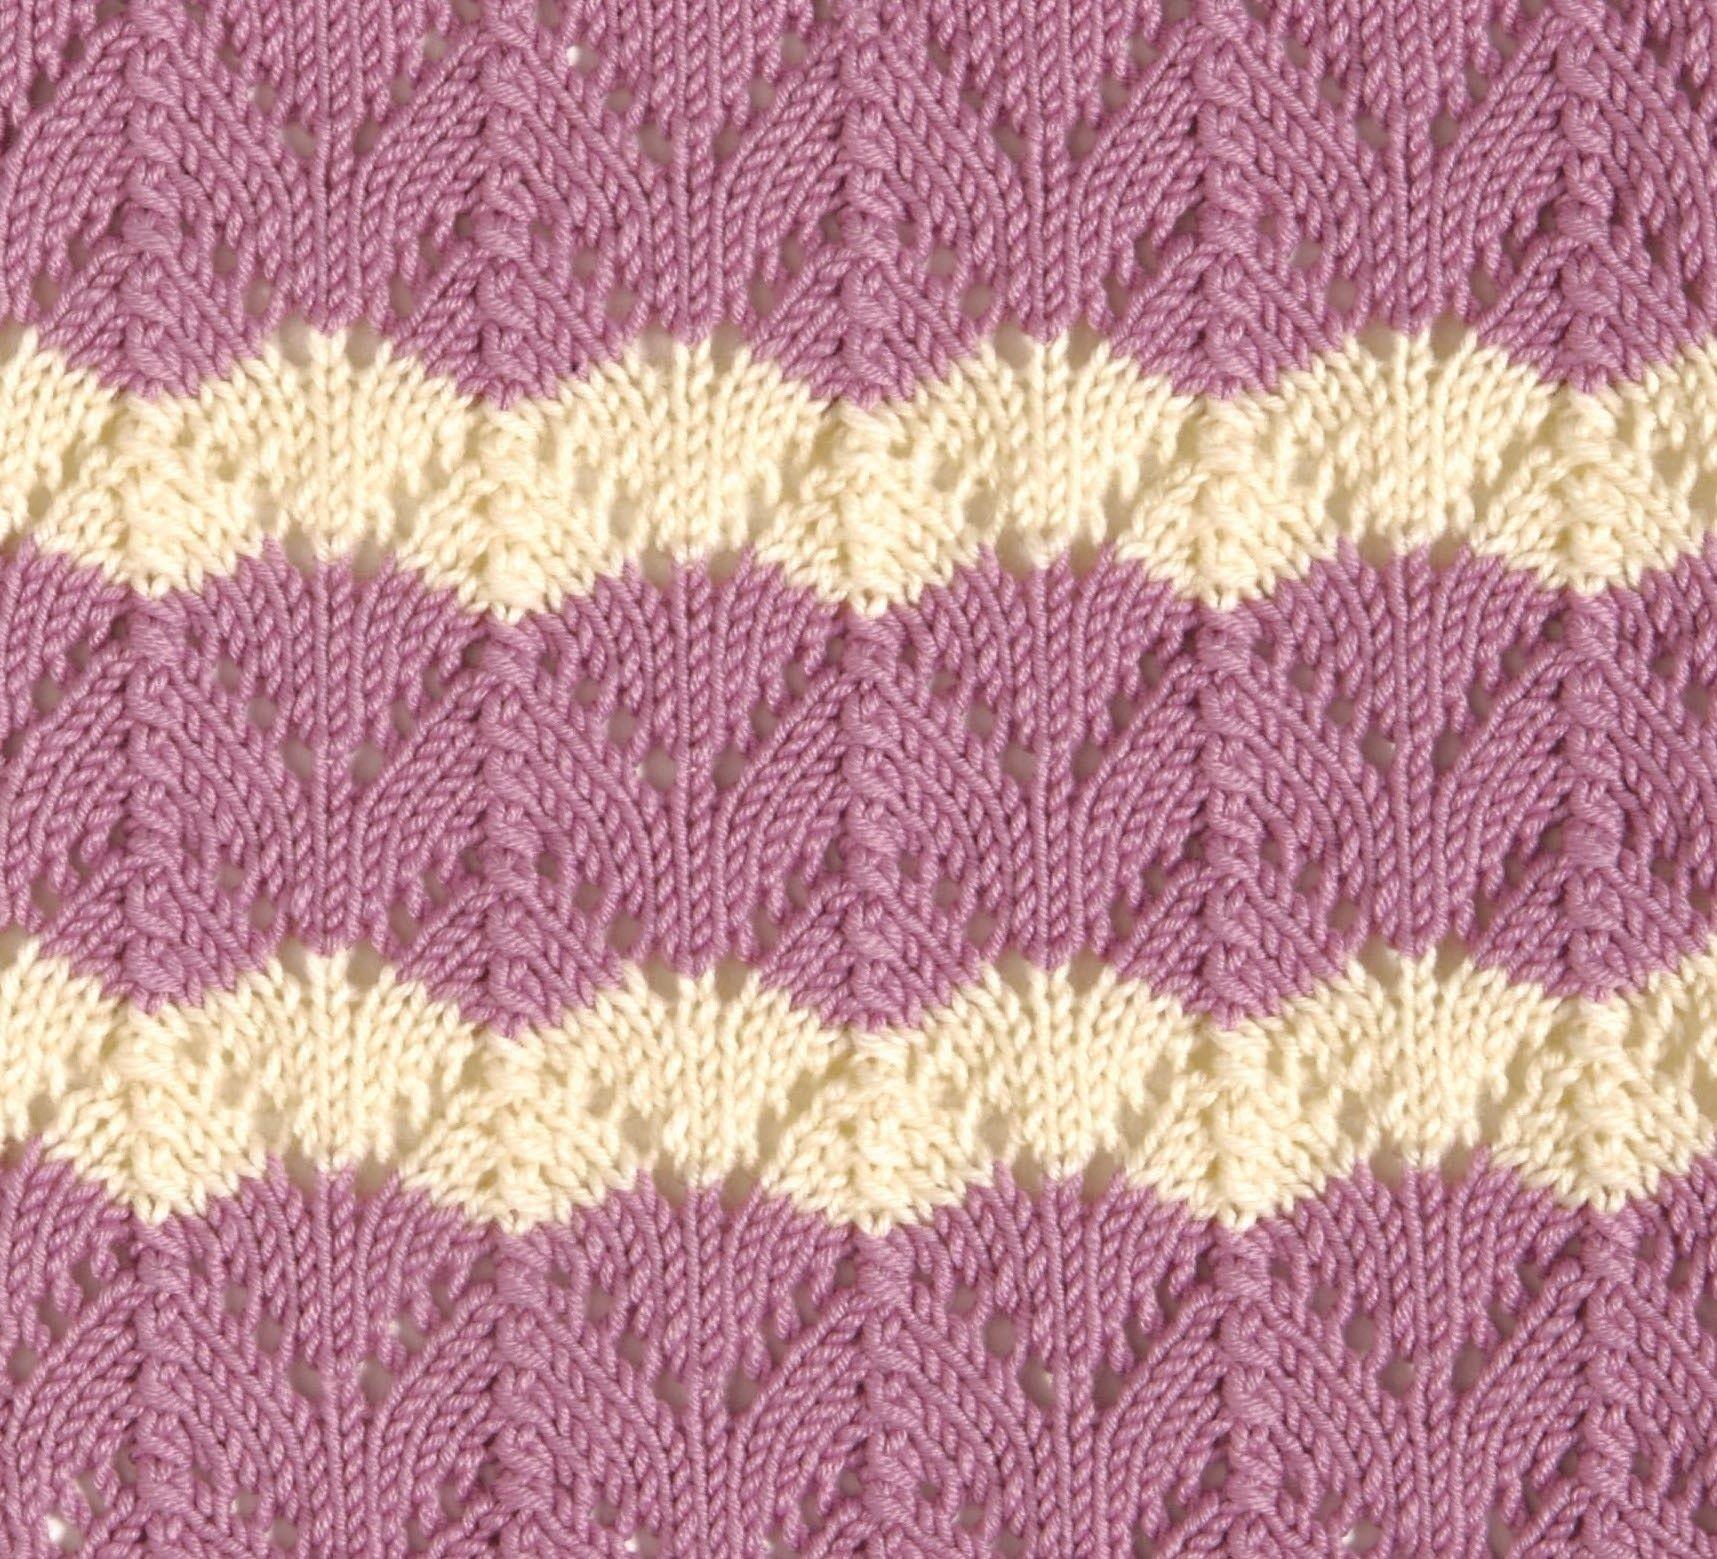 Fishtail Lace | Ripple stitch, Stitch patterns